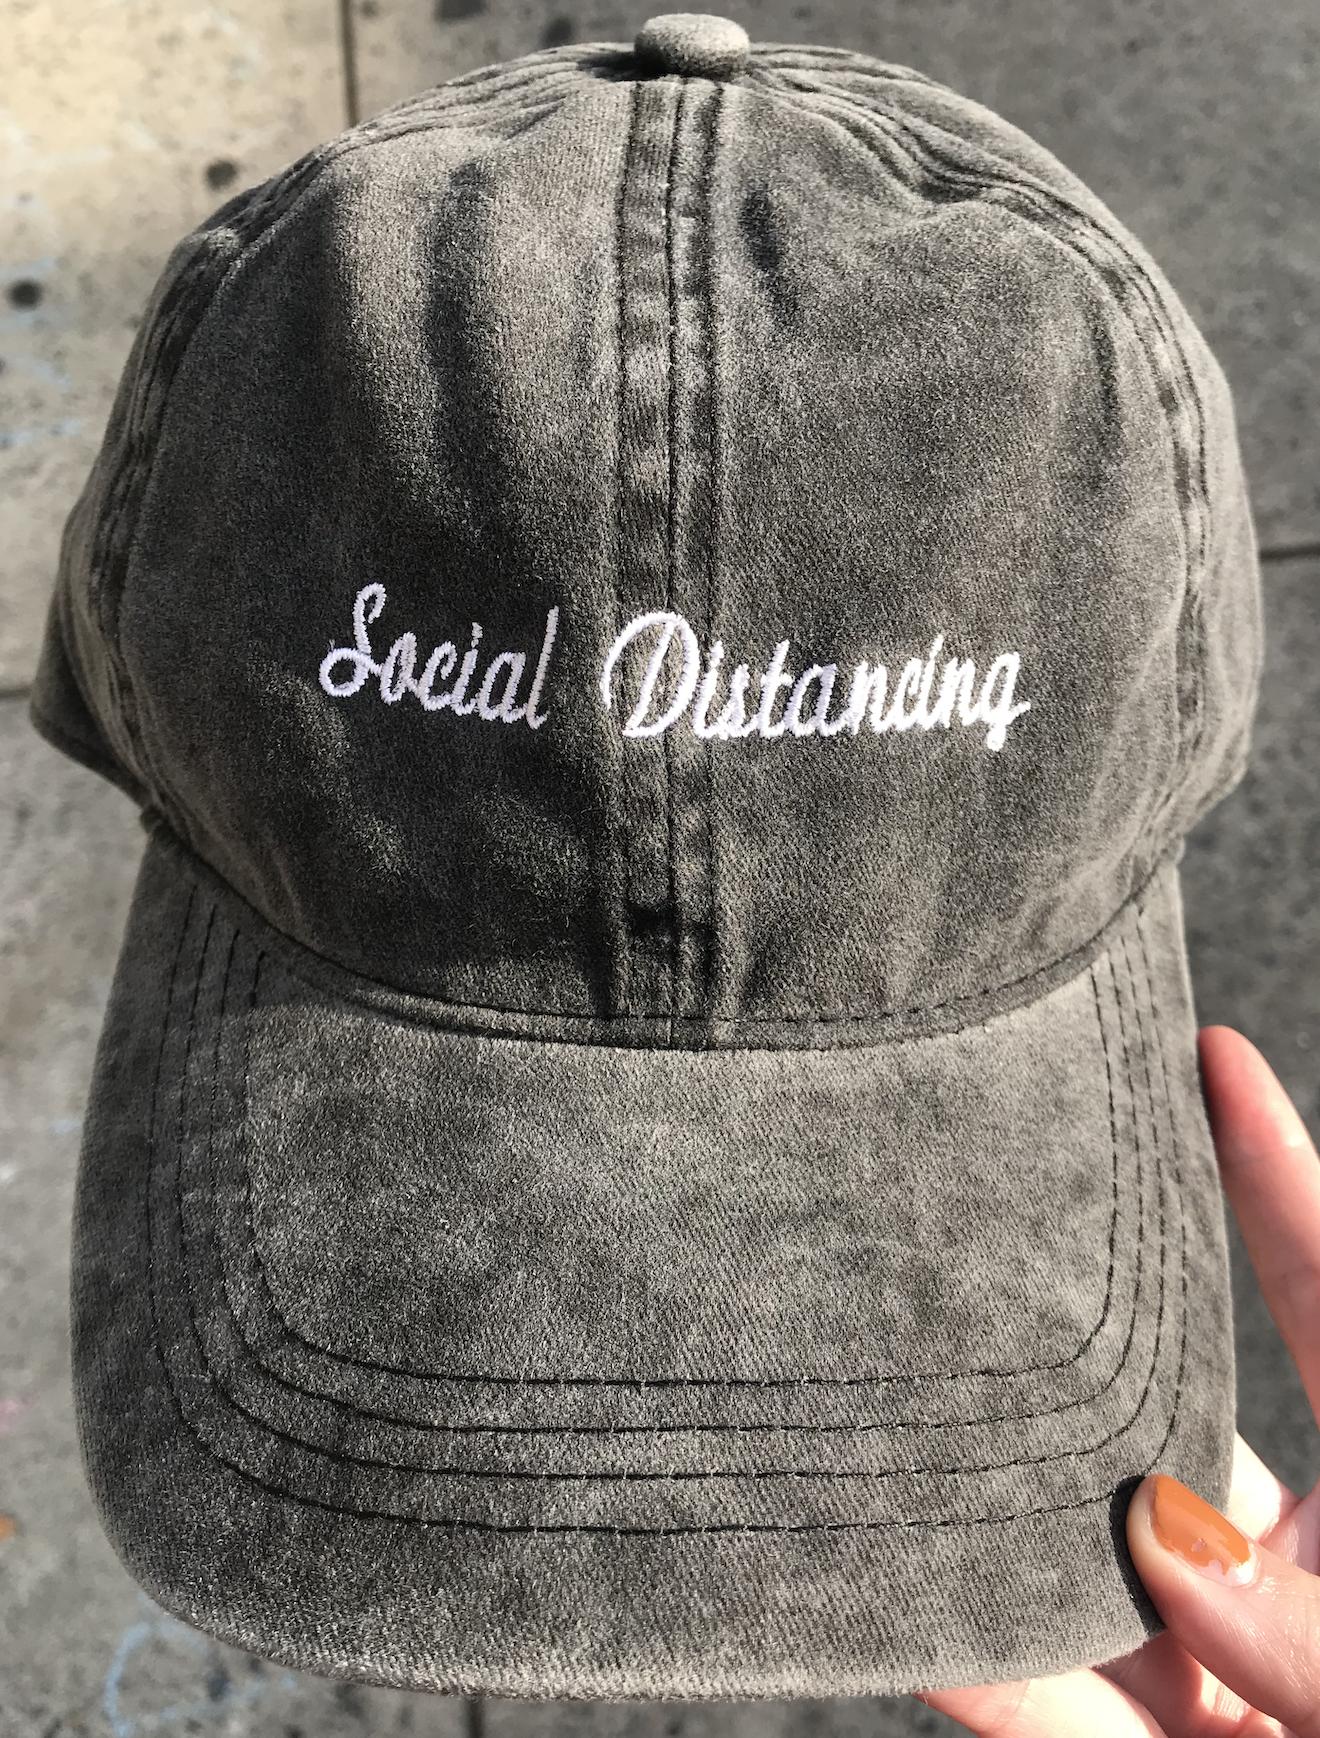 David & Young Washed Baseball Cap - Social Distancing-Black